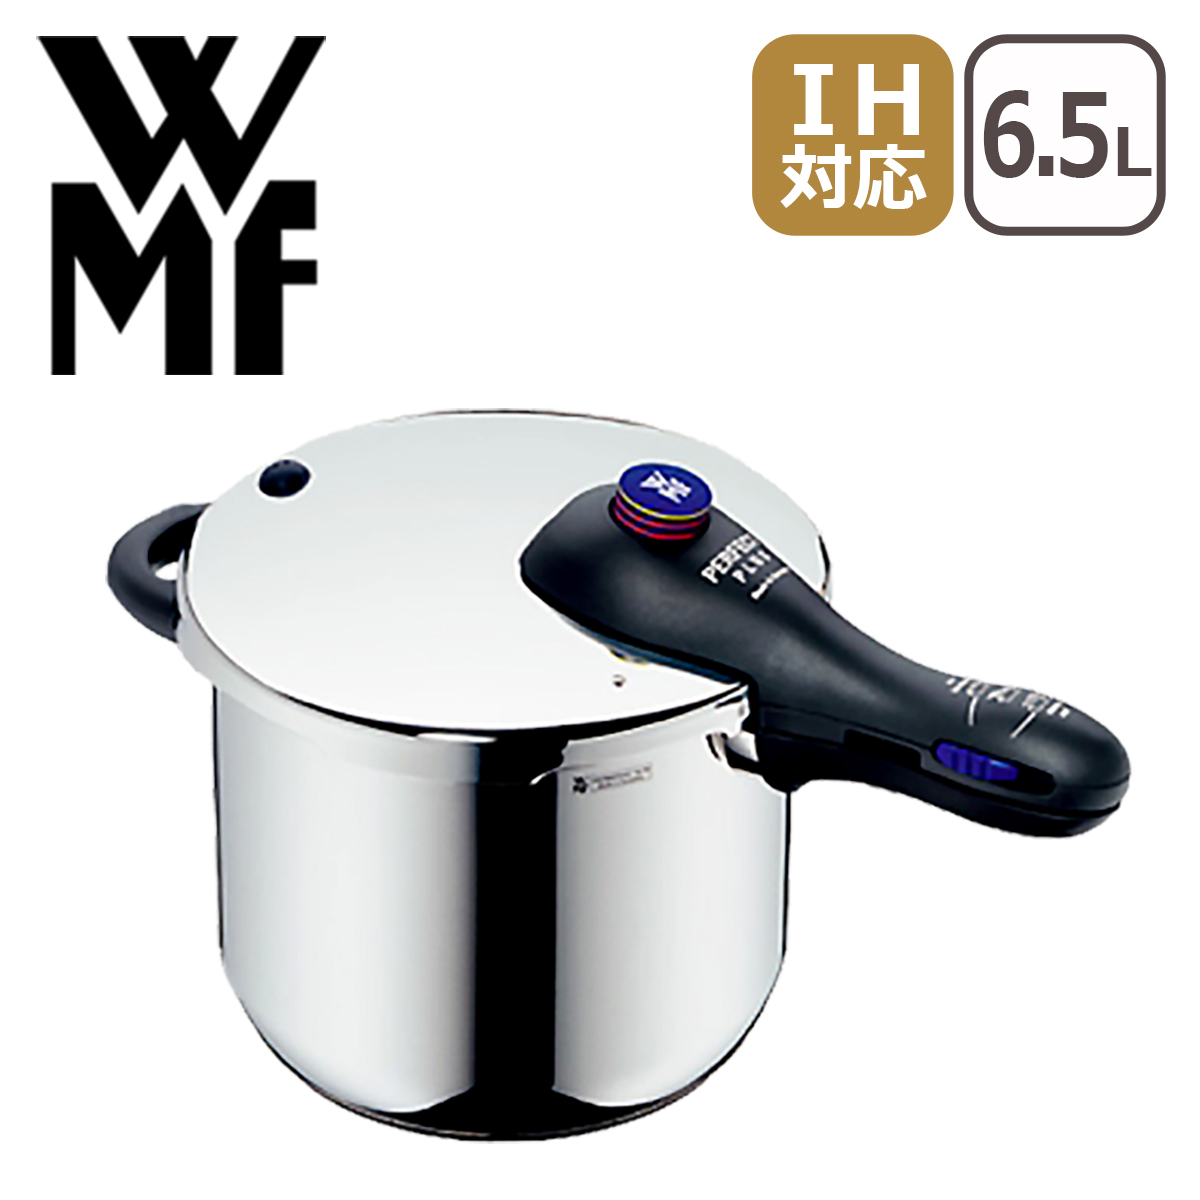 WMF(ヴェーエムエフ) パーフェクトプラス圧力鍋 6.5L IH対応 018wf-2138 ギフト・のし可 節電